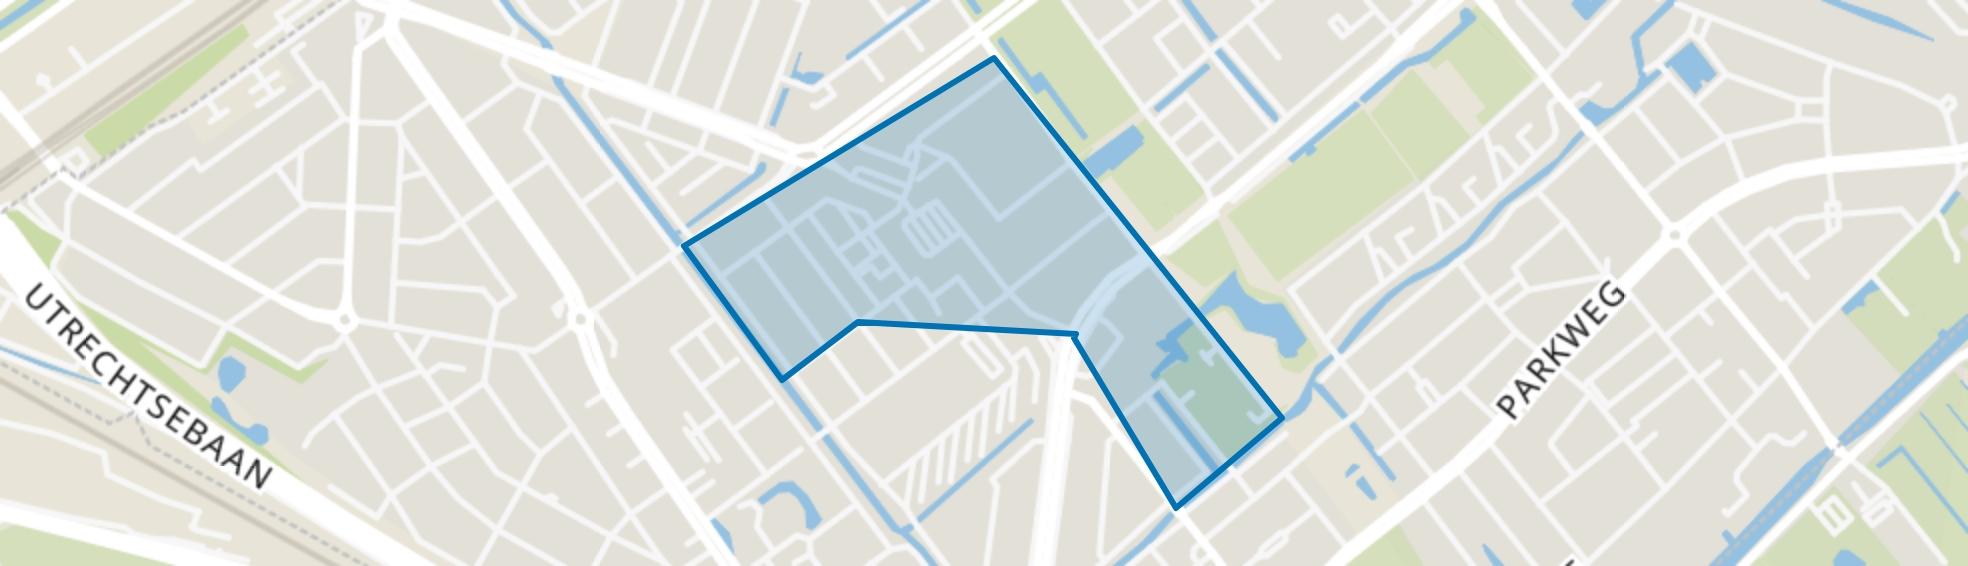 Voorburg Midden midden, Voorburg map